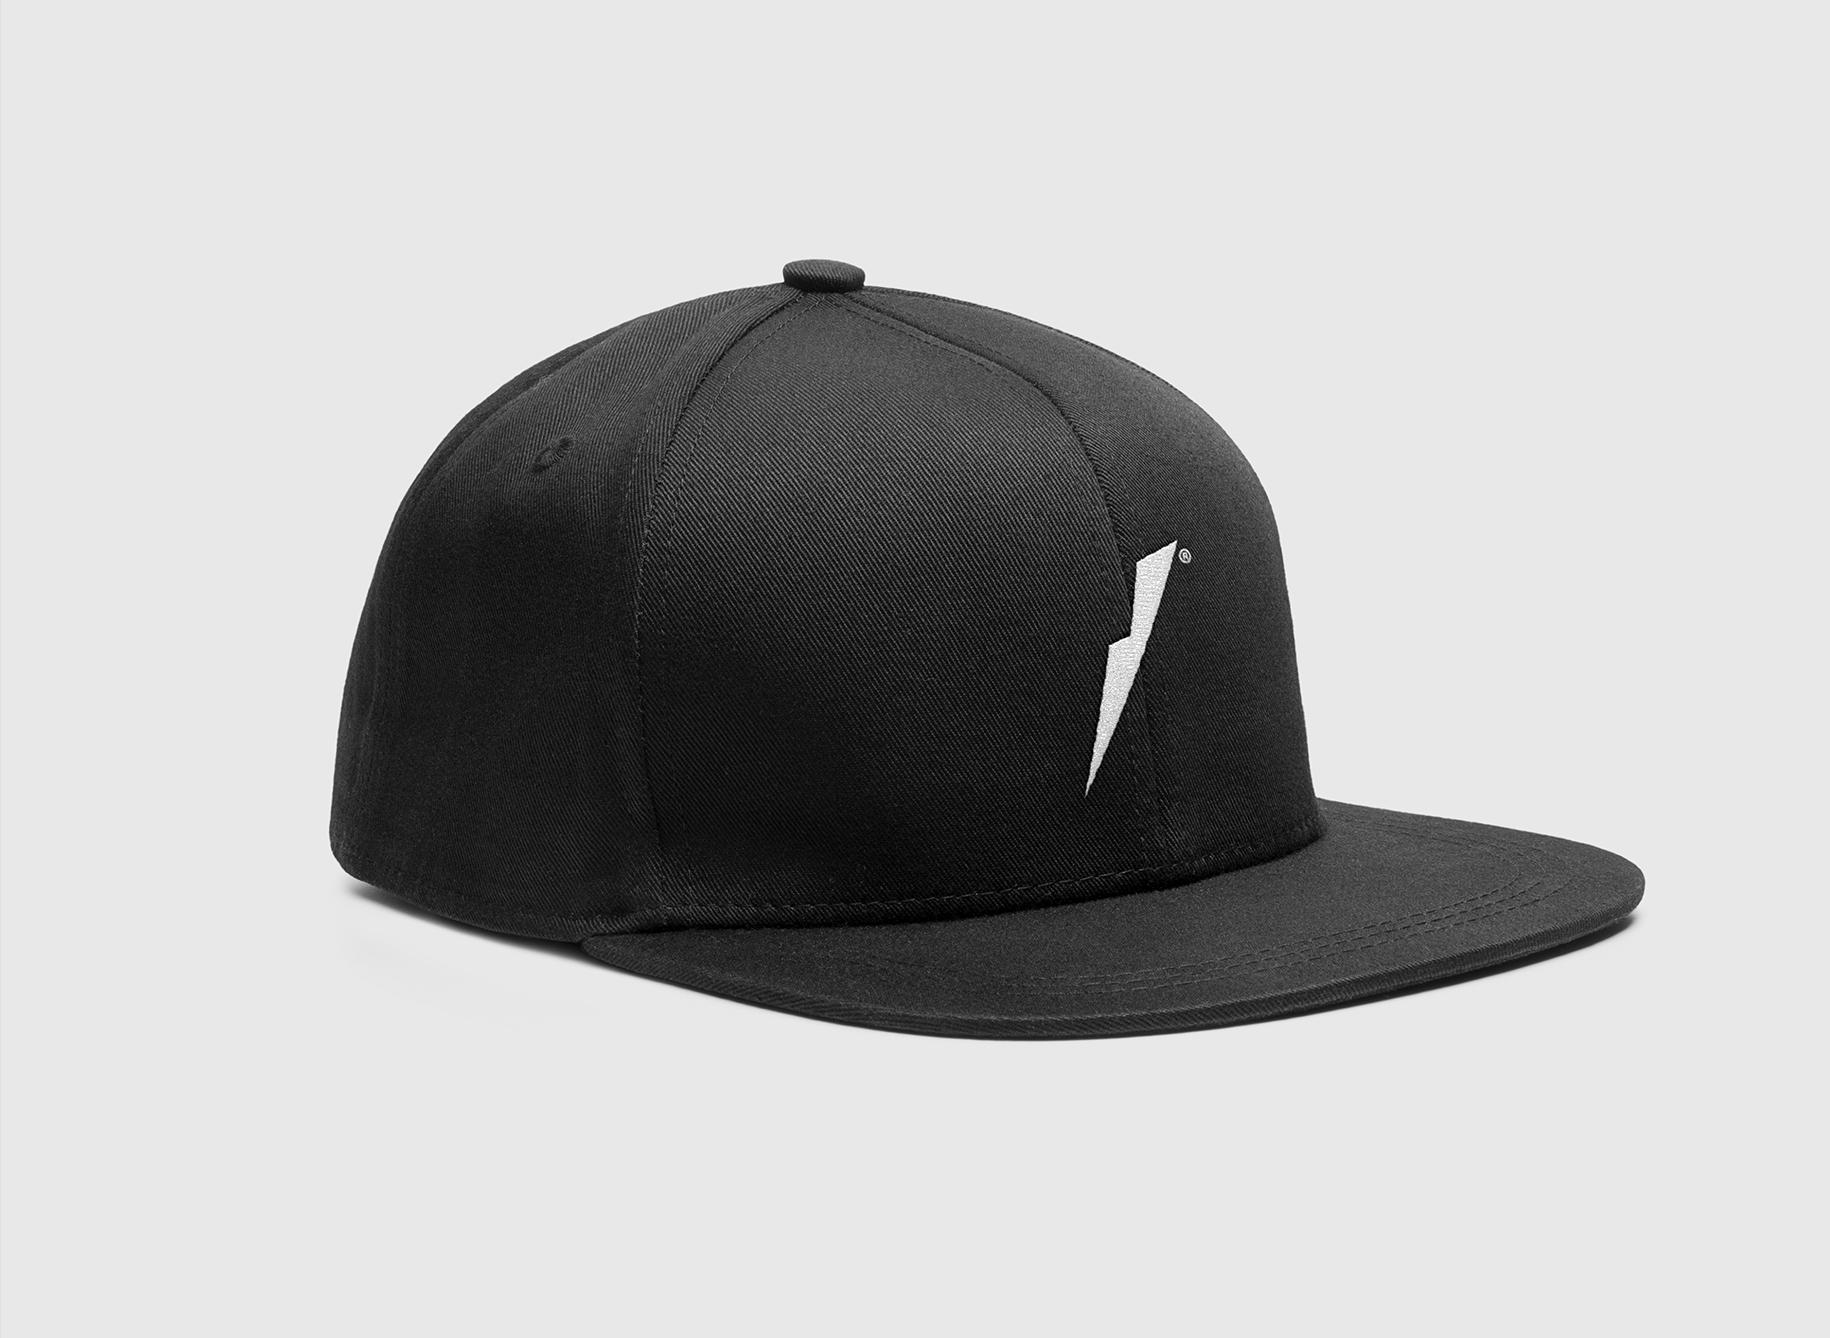 Duco hat design